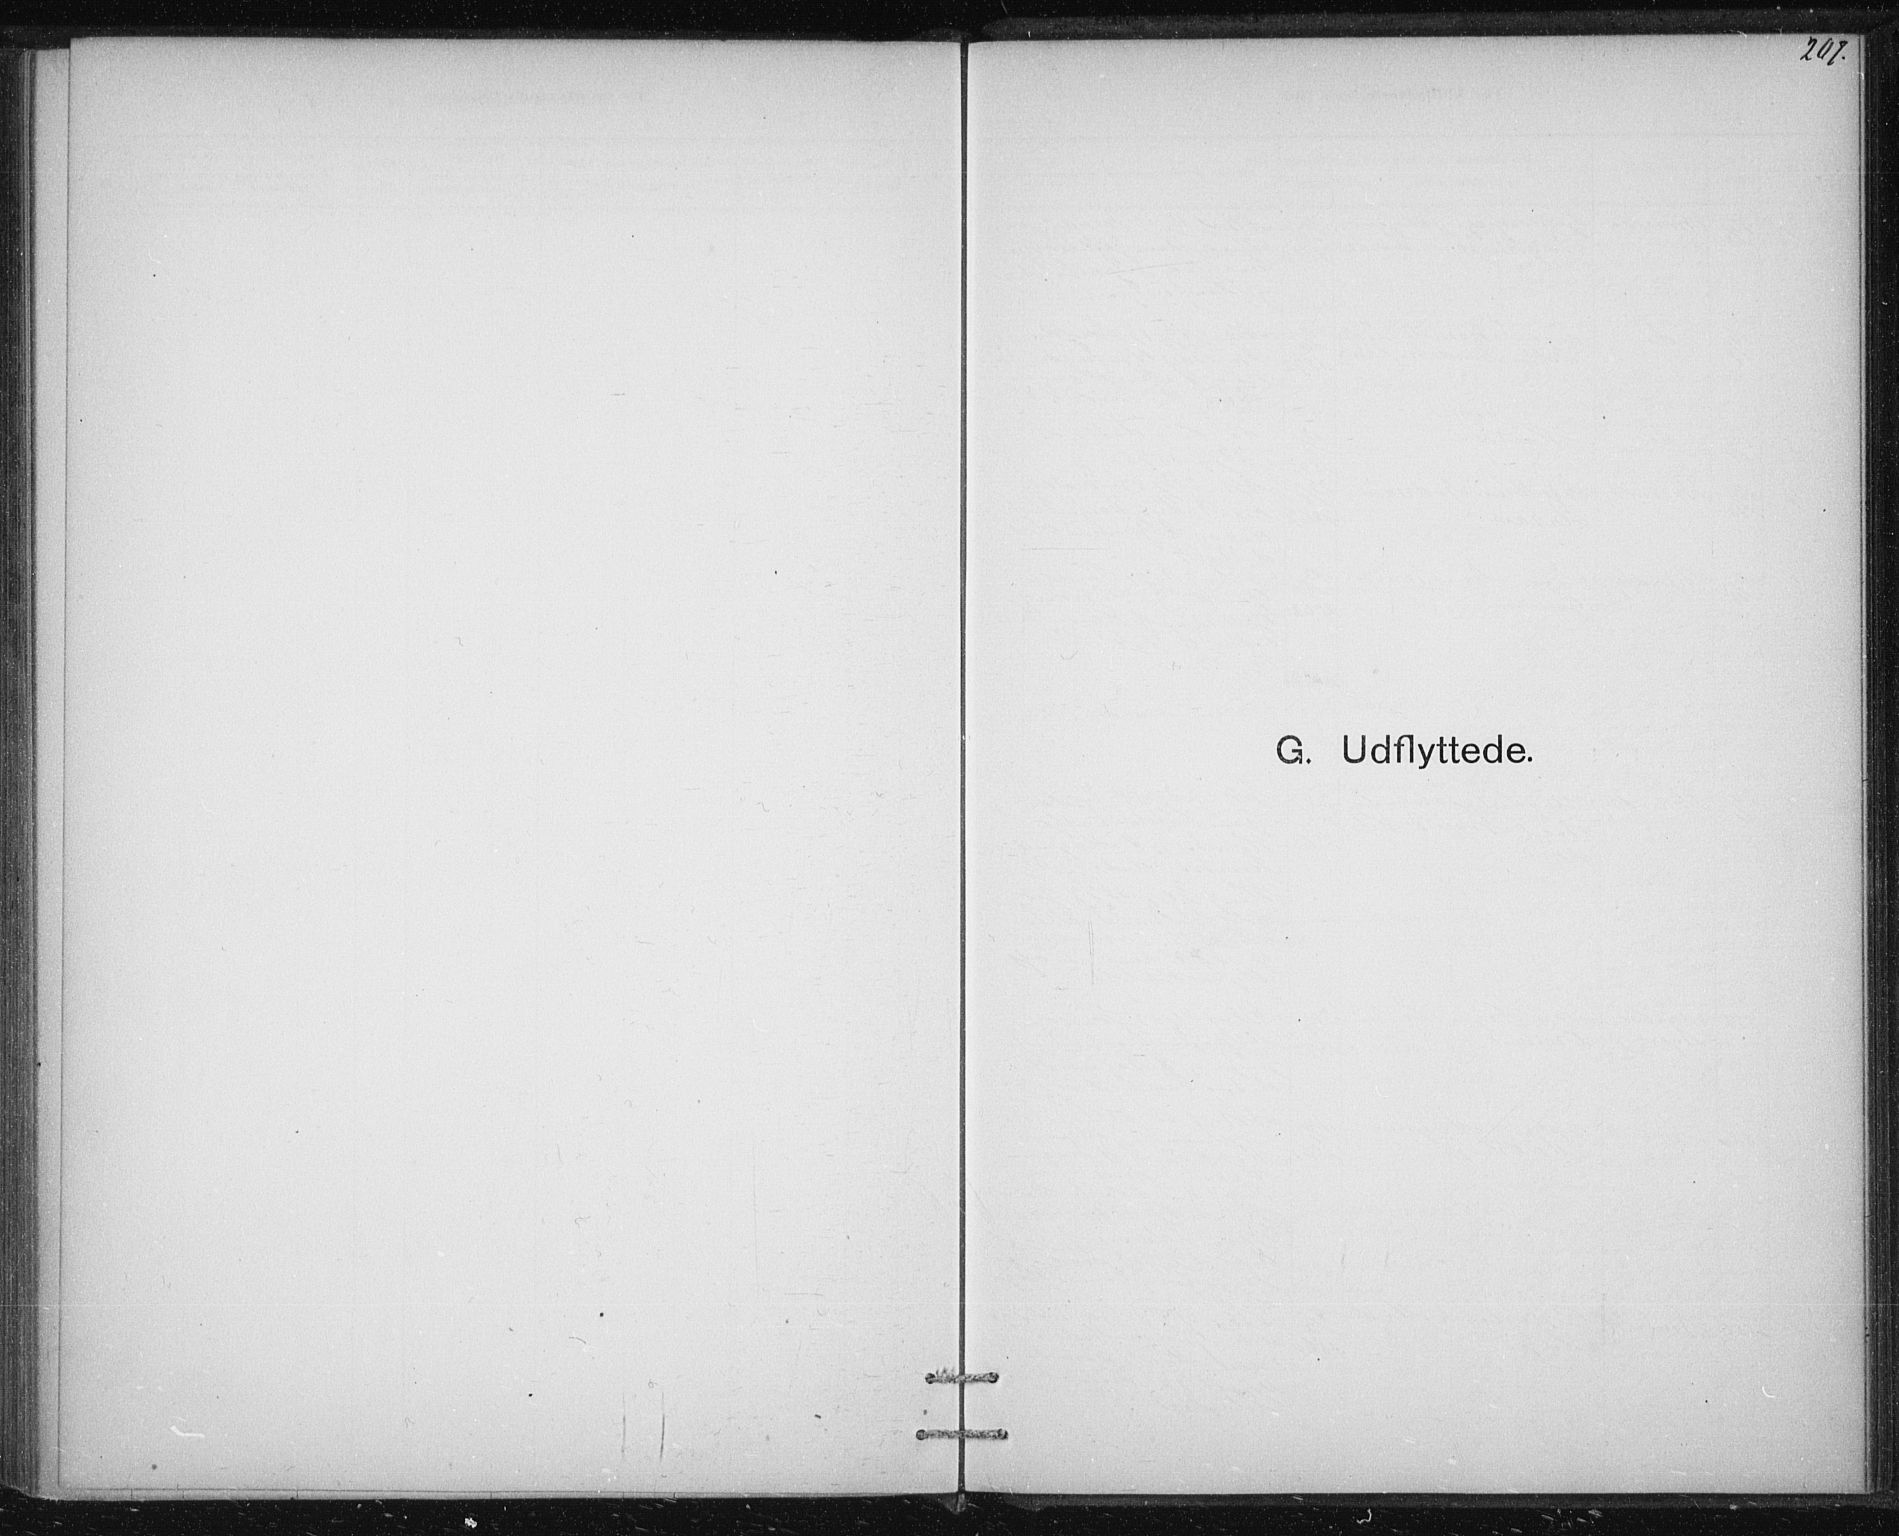 SAT, Ministerialprotokoller, klokkerbøker og fødselsregistre - Sør-Trøndelag, 613/L0392: Ministerialbok nr. 613A01, 1887-1906, s. 207